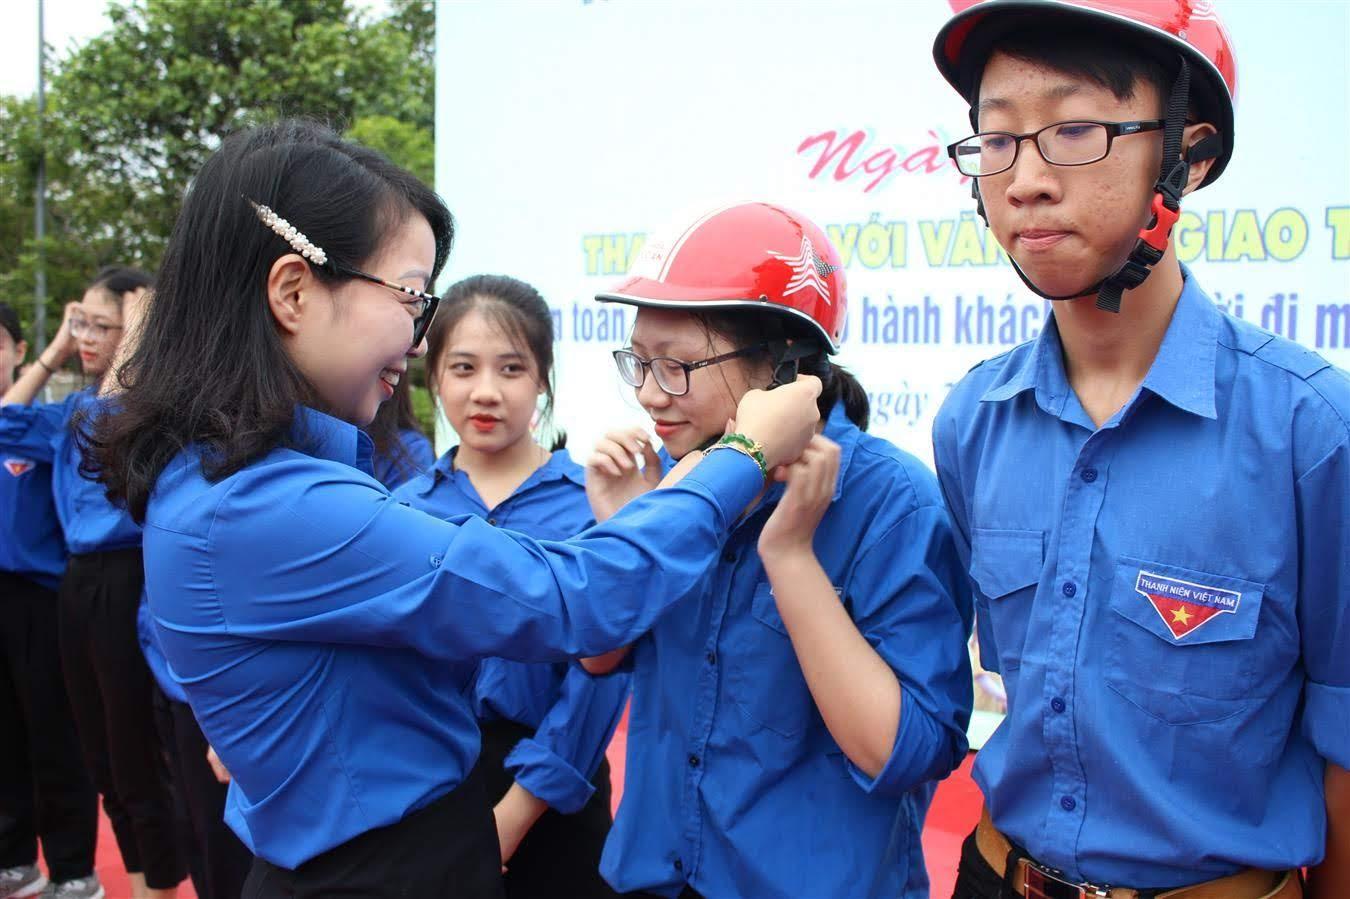 Phát mũ bảo hiểm cho các đoàn viên tại lễ phát động